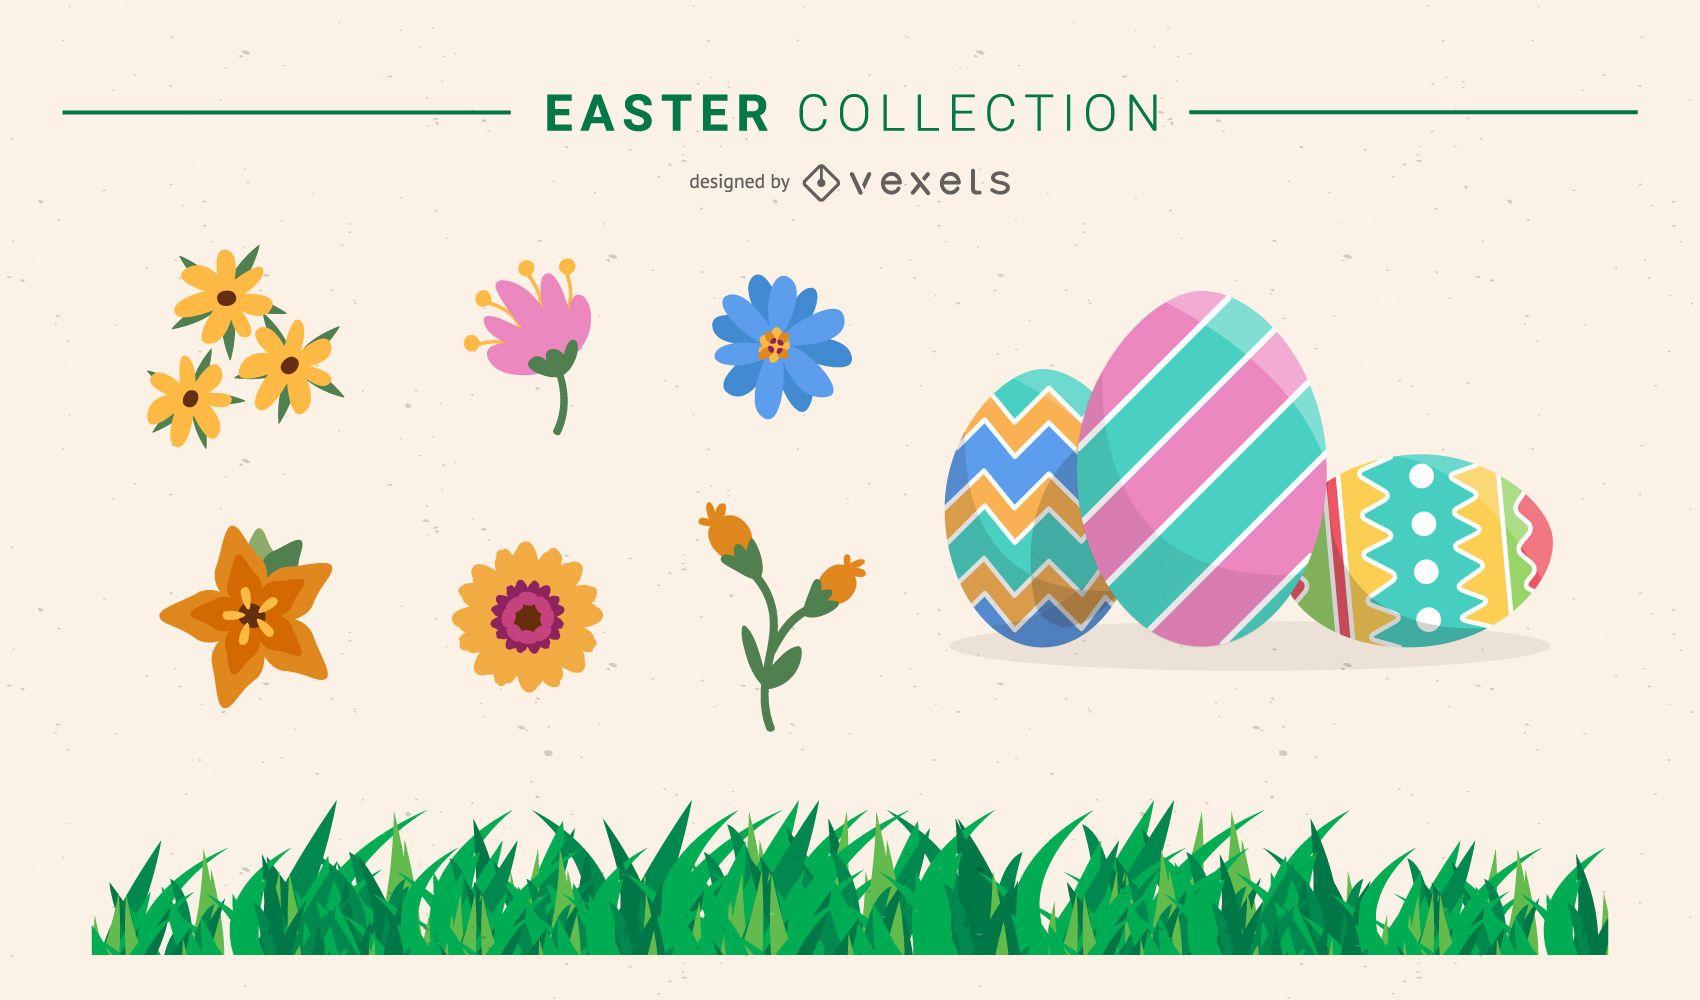 Colección de pascua - huevos flores y pasto